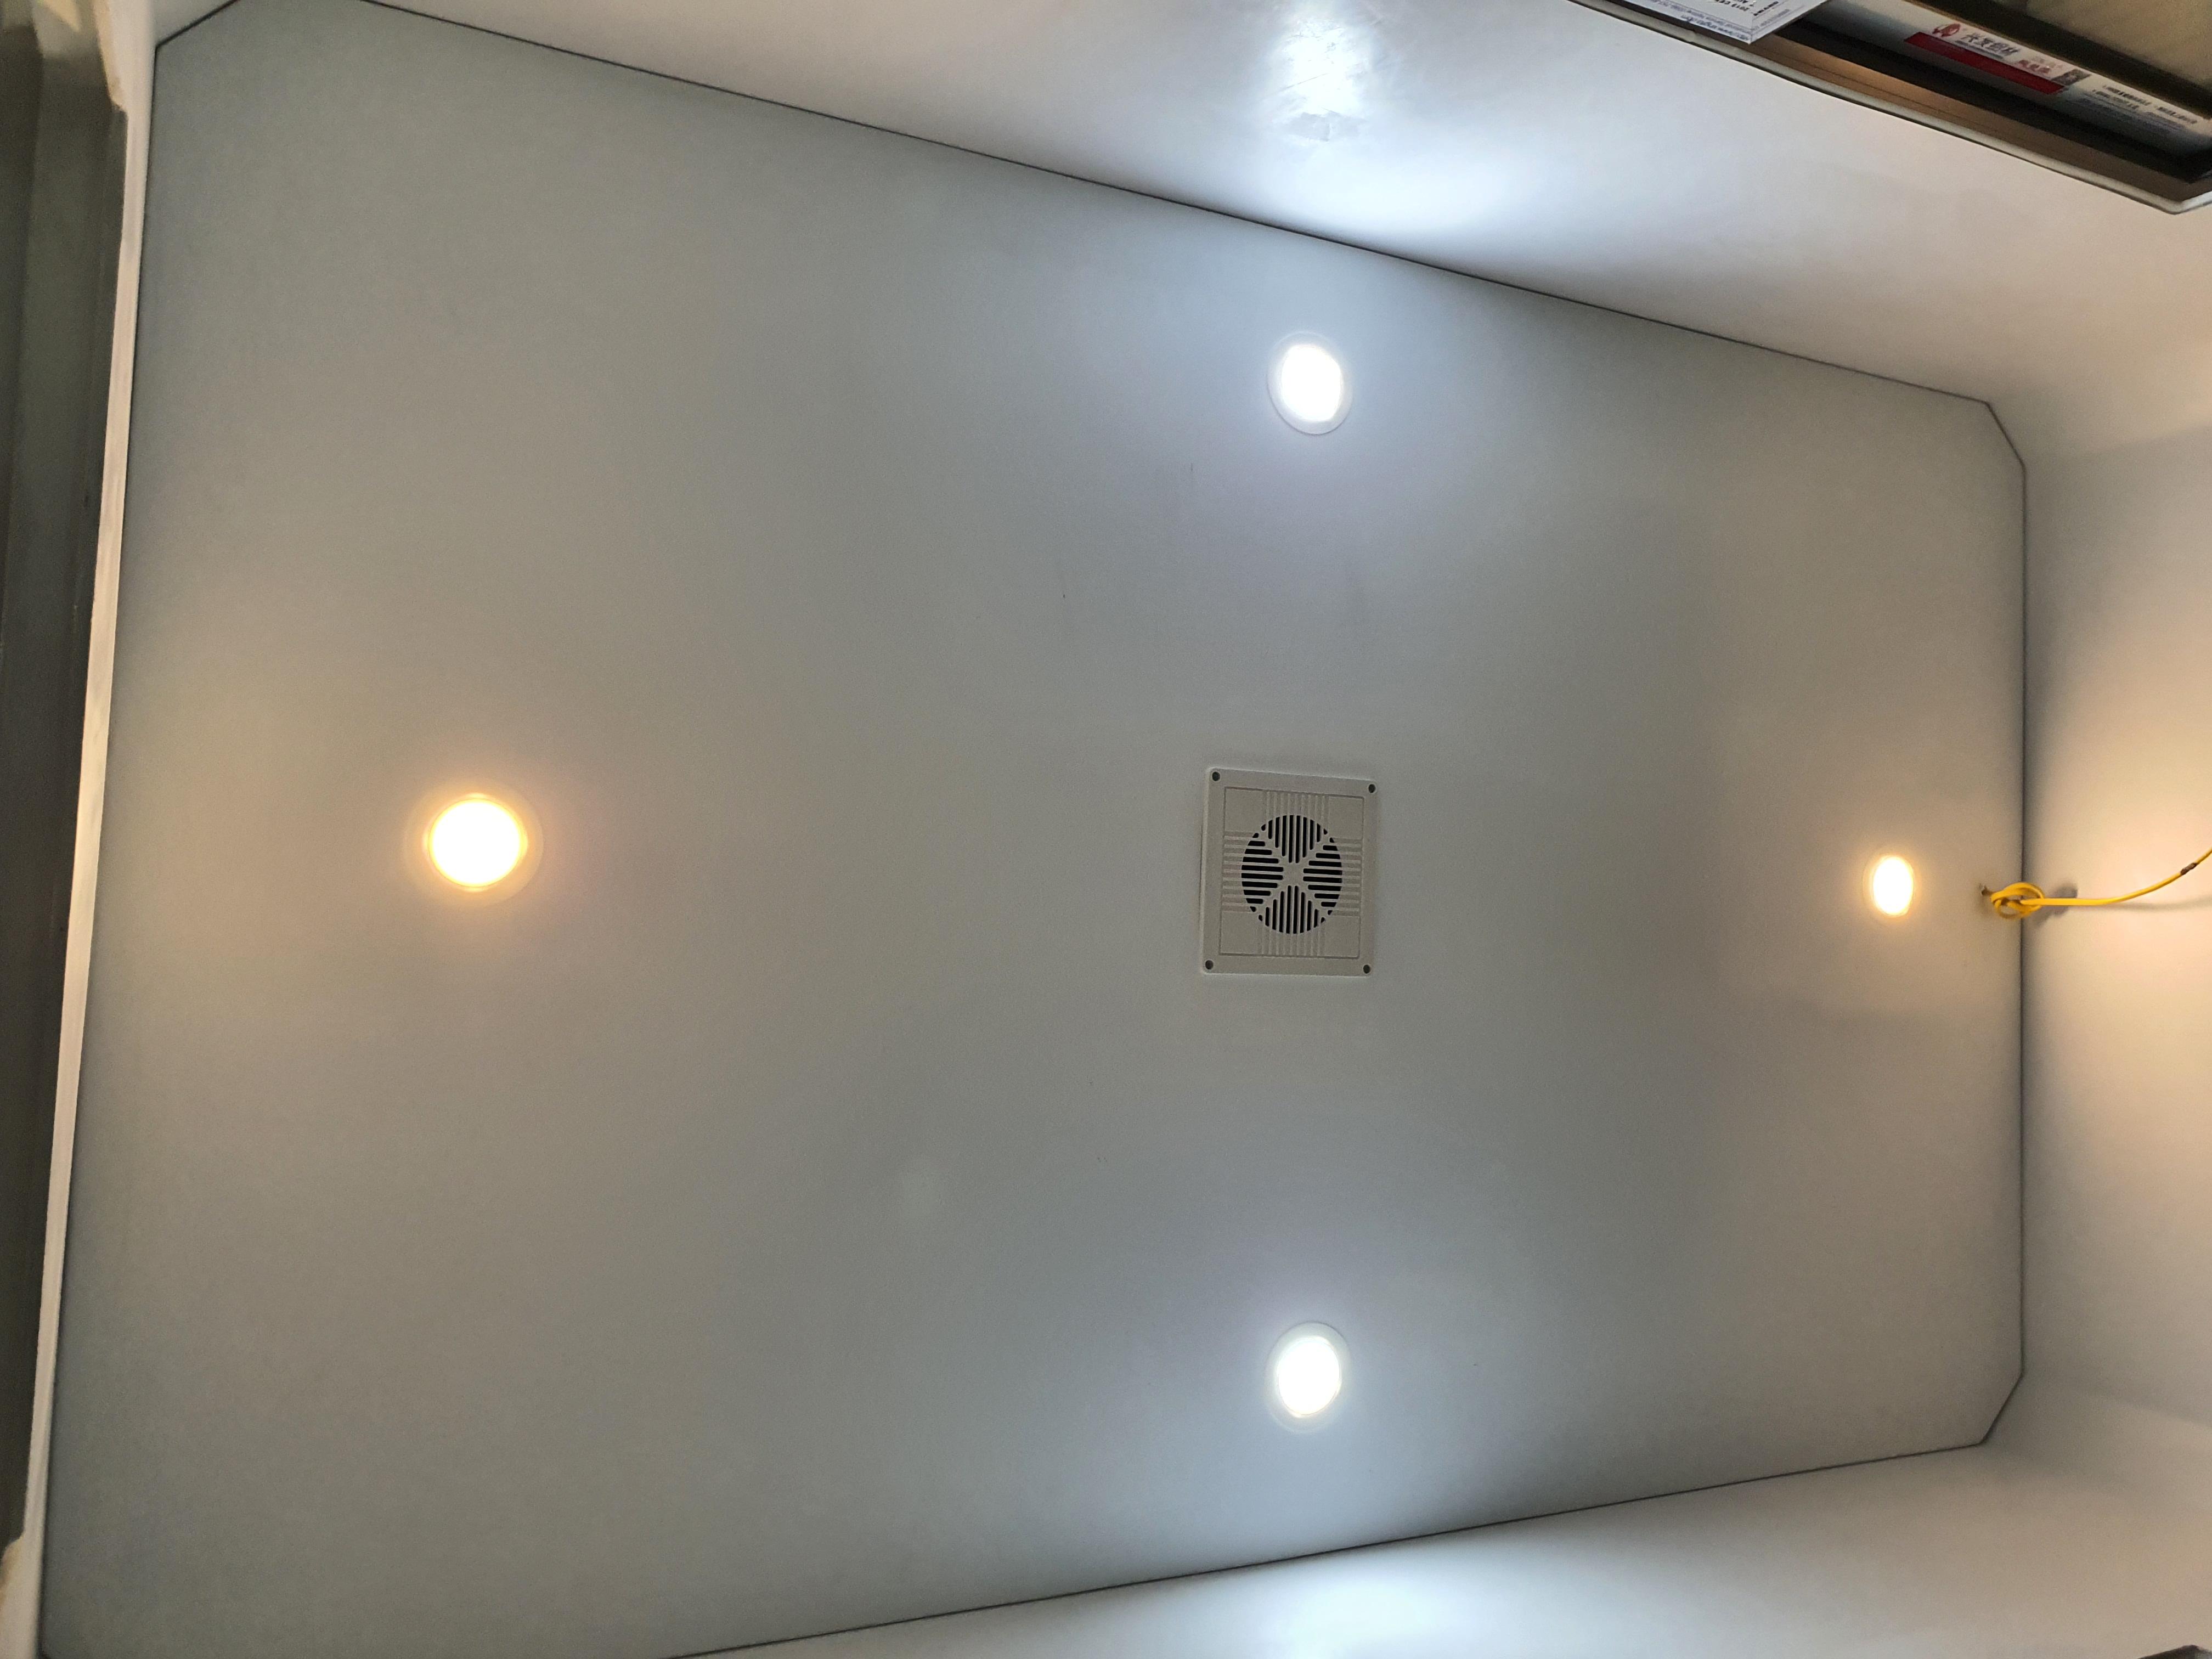 Hệ thống chiếu sáng 2 màu giảm cận thị